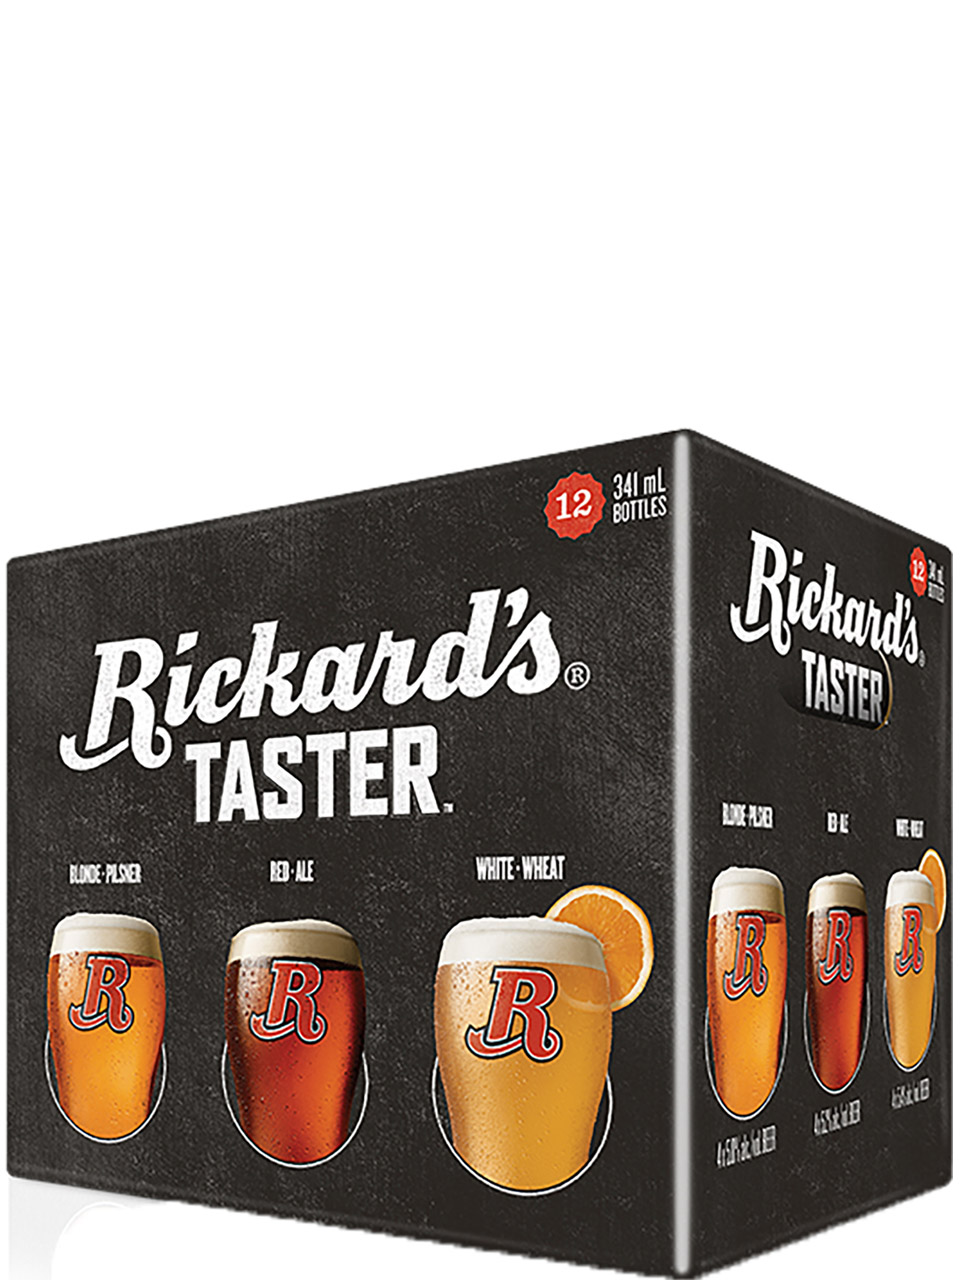 Rickard's Taster 12 Pack Bottles